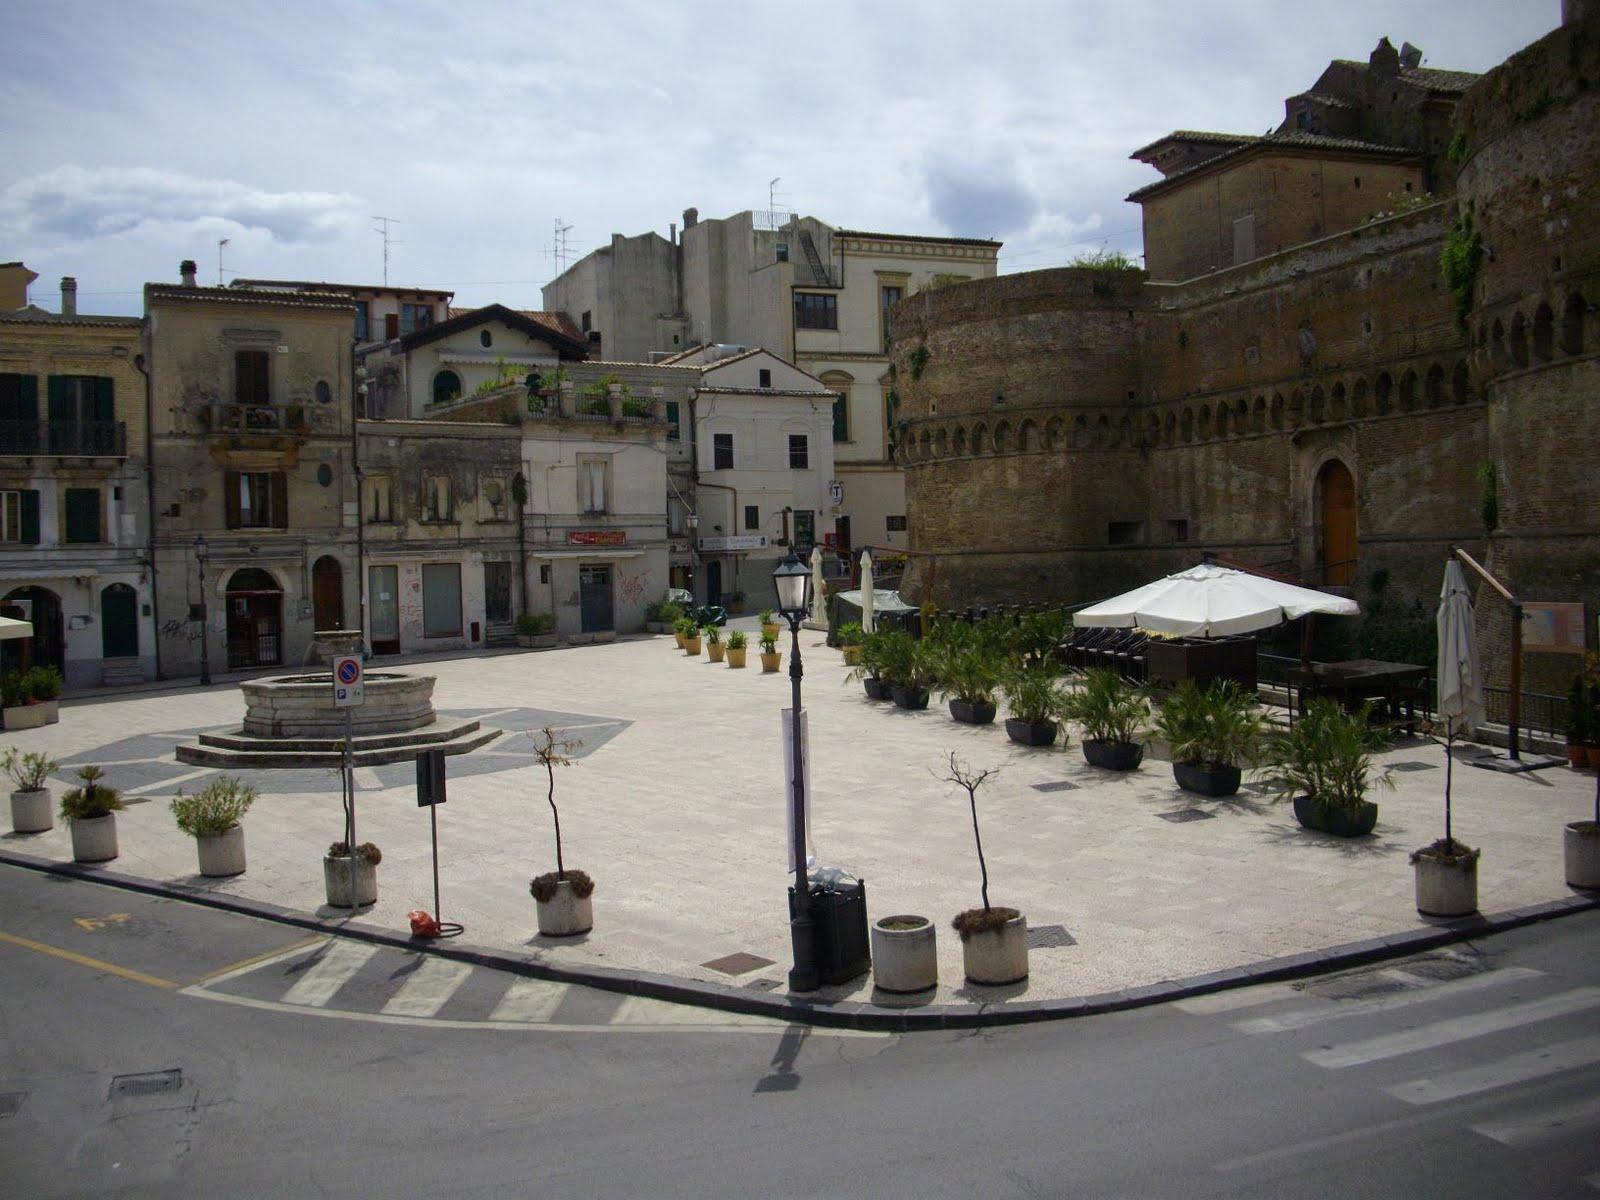 Marco di michele marisi arredo urbano e regolamento per l for Un arredo urbano